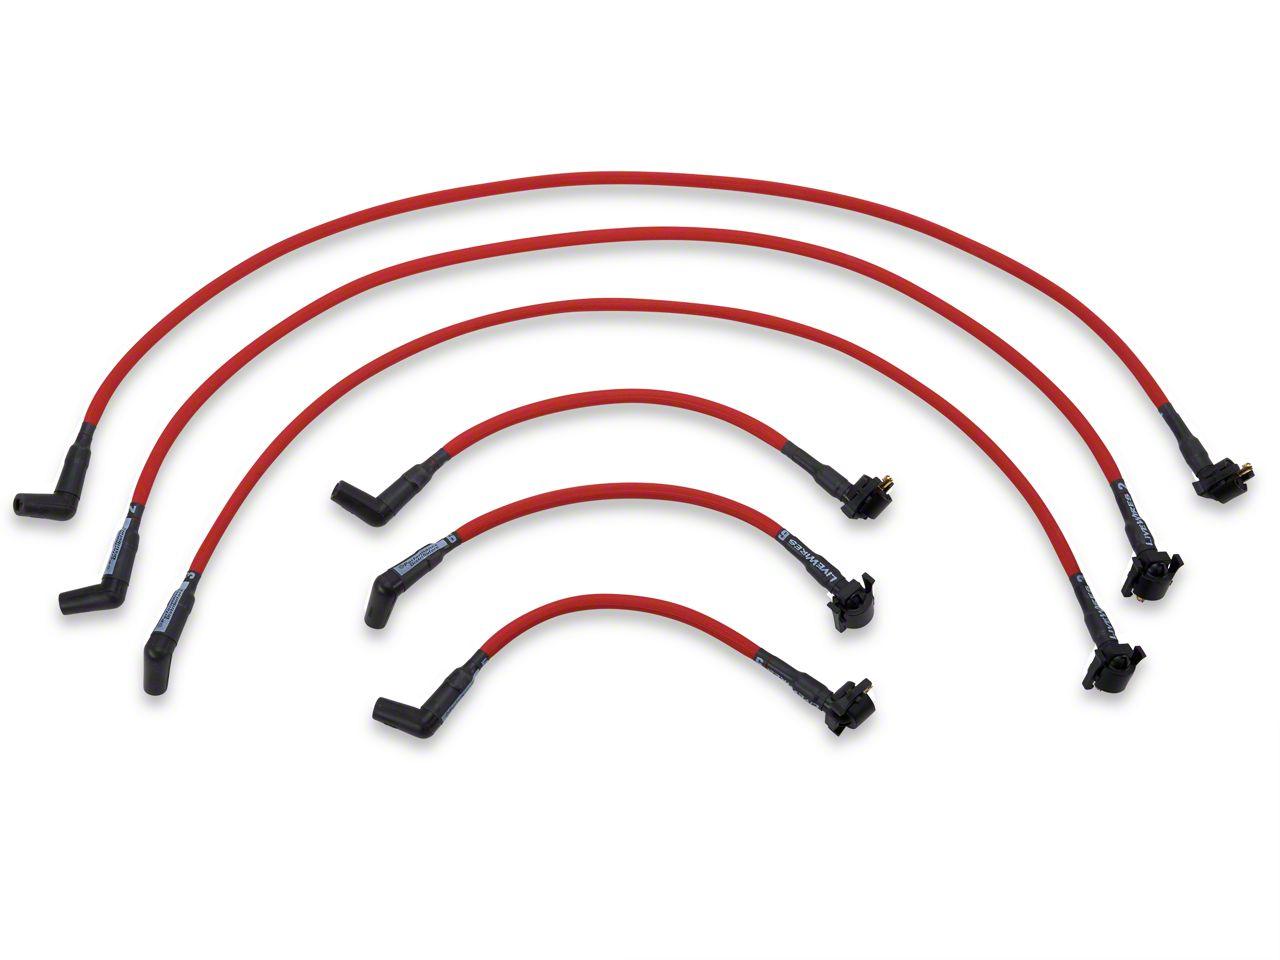 Performance Distributors Livewires 10mm Spark Plug Wires - Red (99-00 V6)